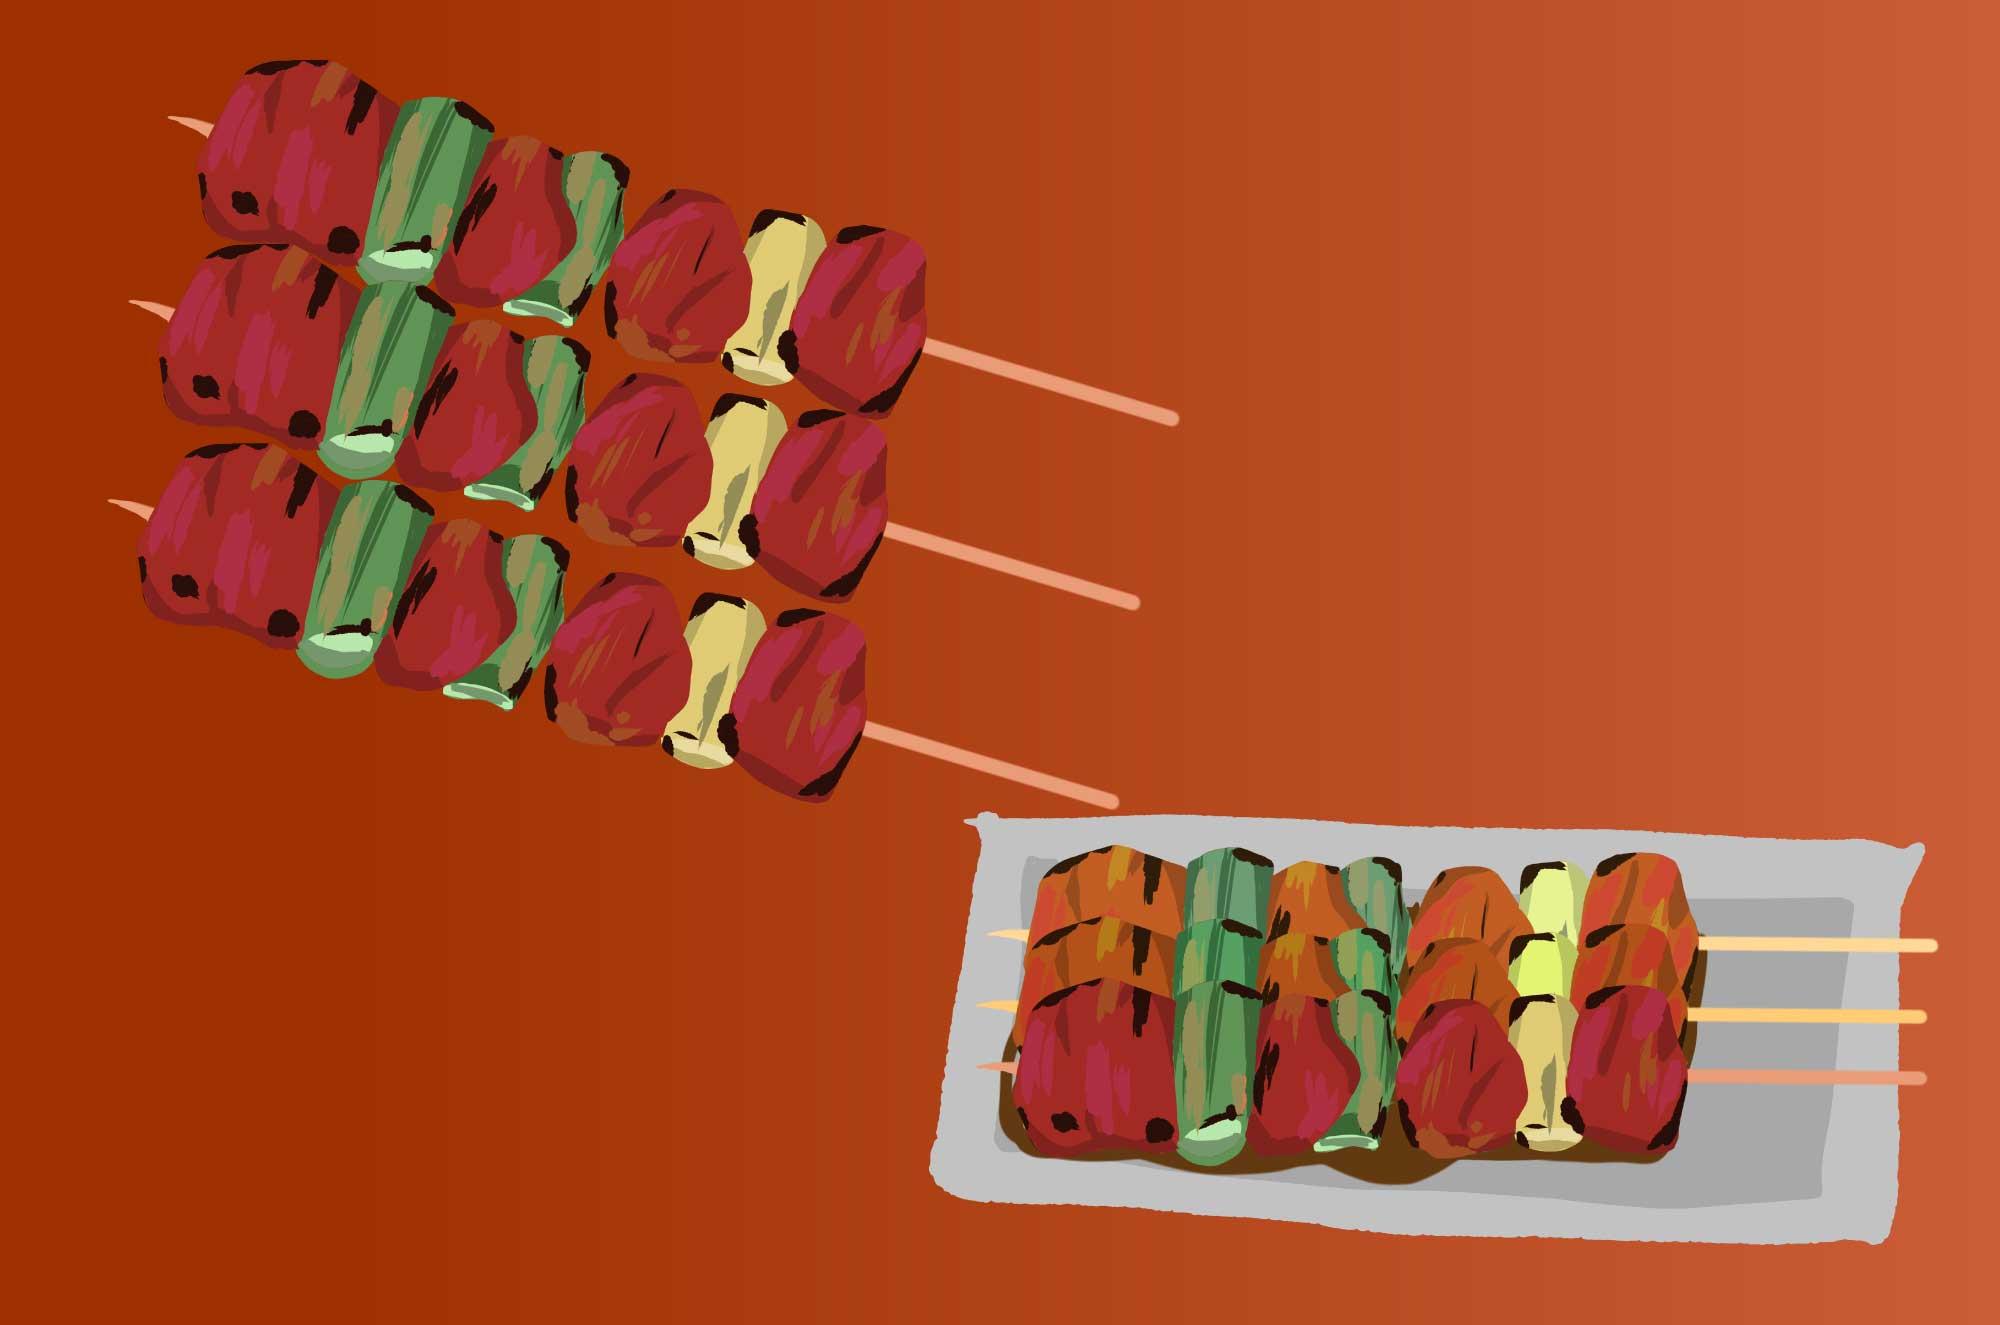 焼き鳥の無料イラスト - 美味しそうな串の食べ物素材